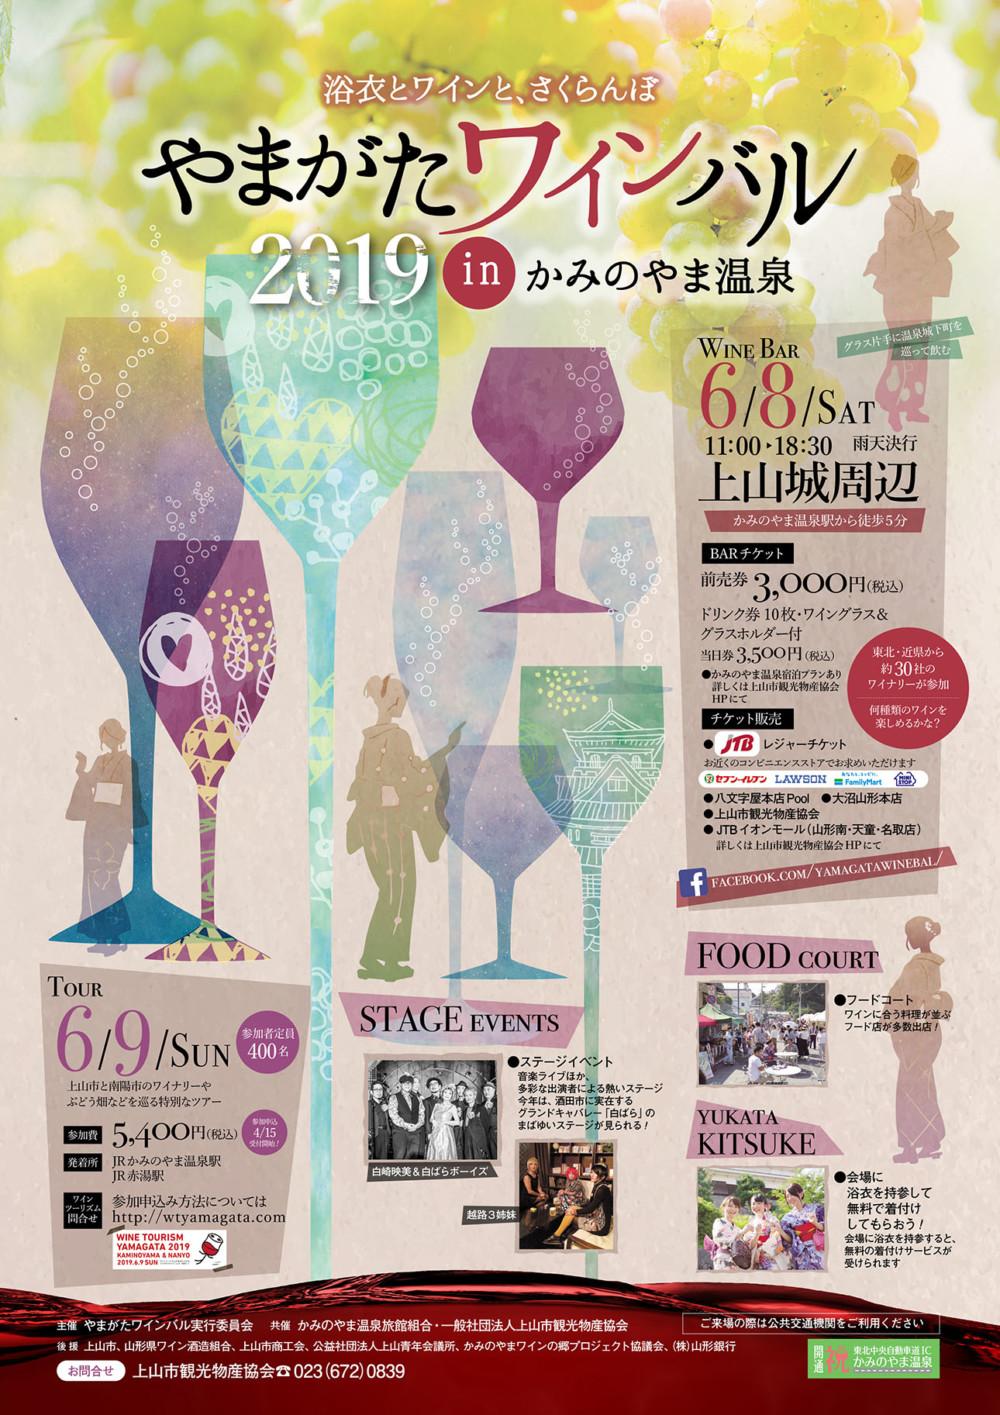 やまがたワインバル2019 in かみのやま温泉